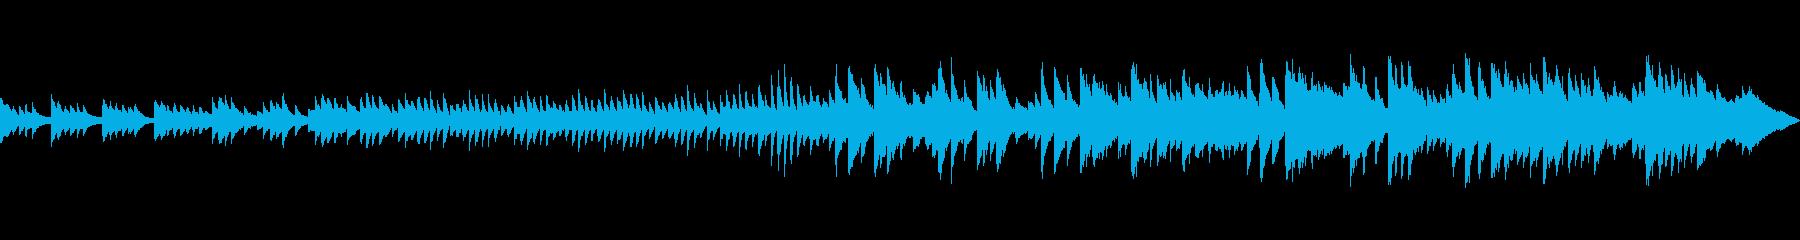 秋、紅葉の景色に合うピアノ曲(ループ版)の再生済みの波形